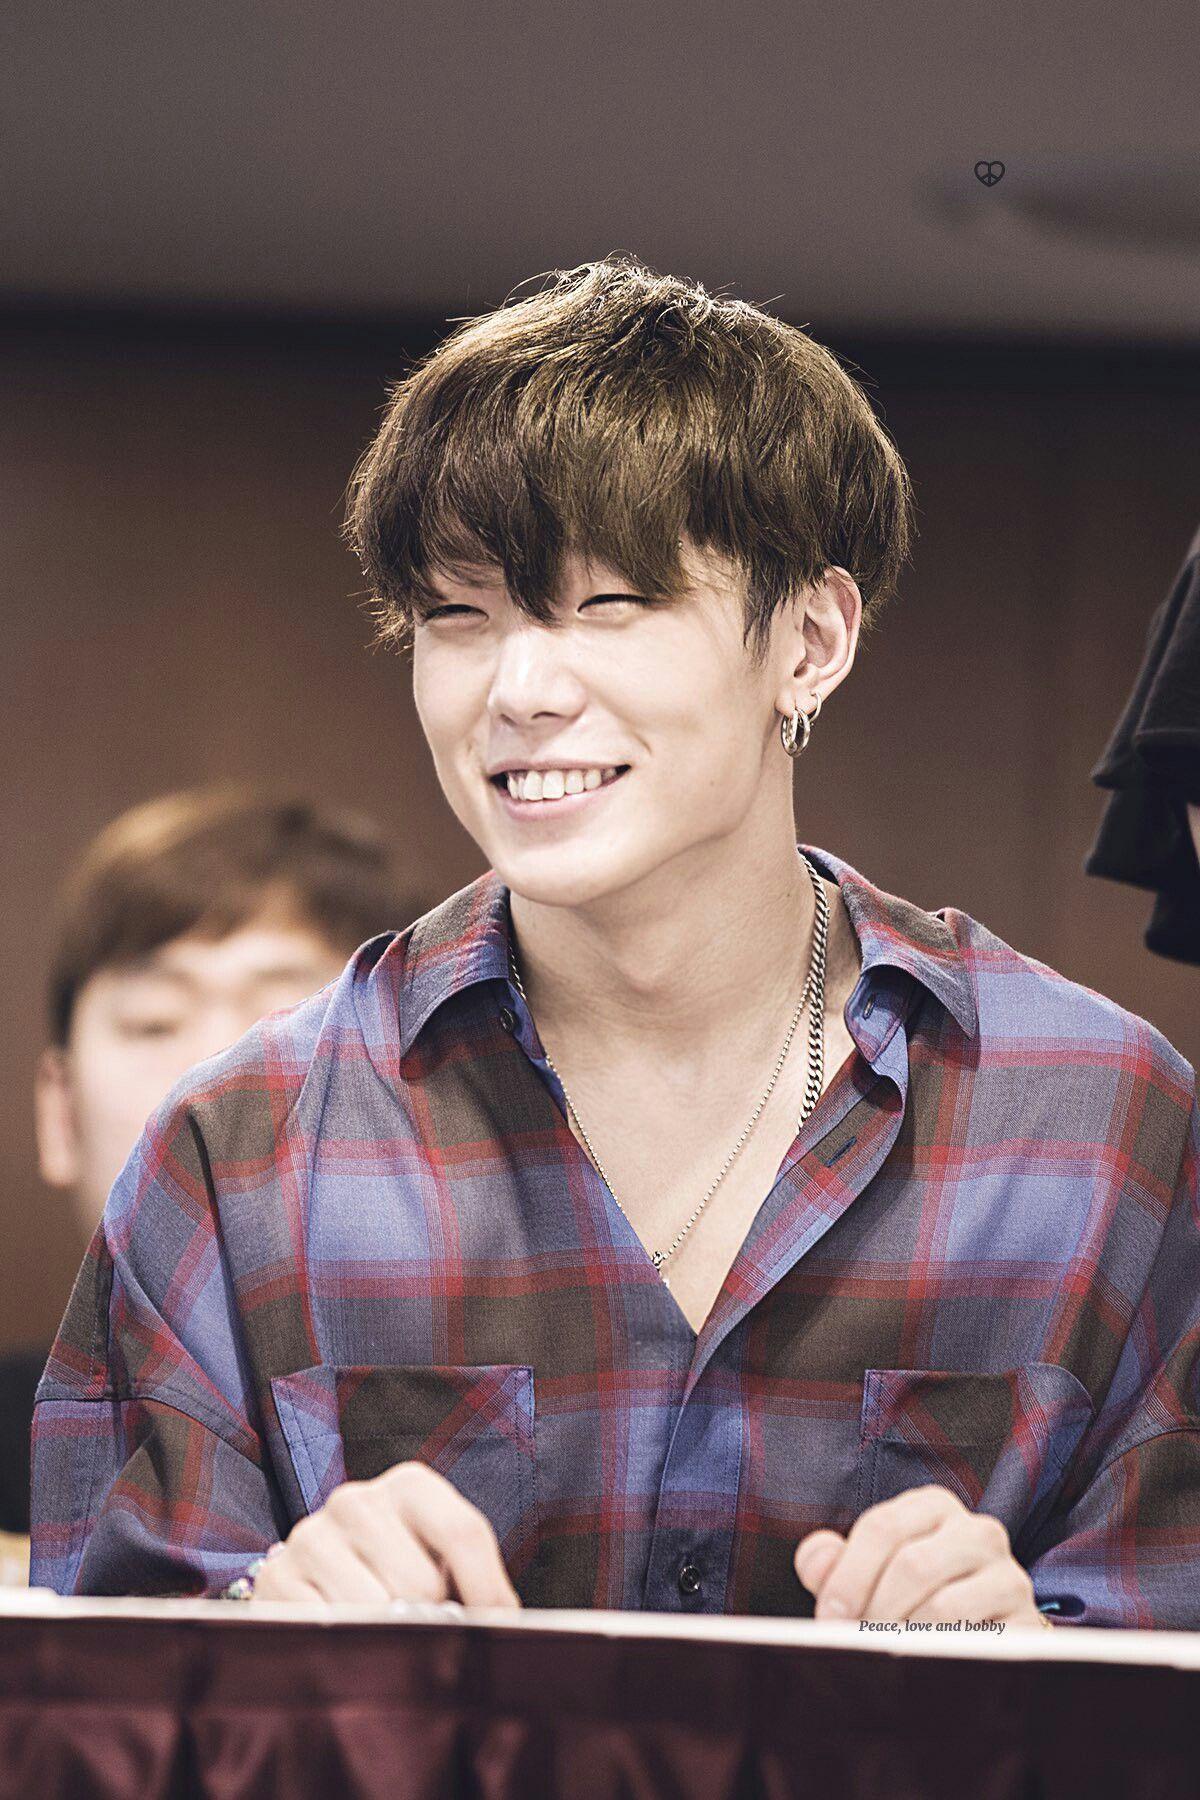 His smile~ #iKON #BOBBY